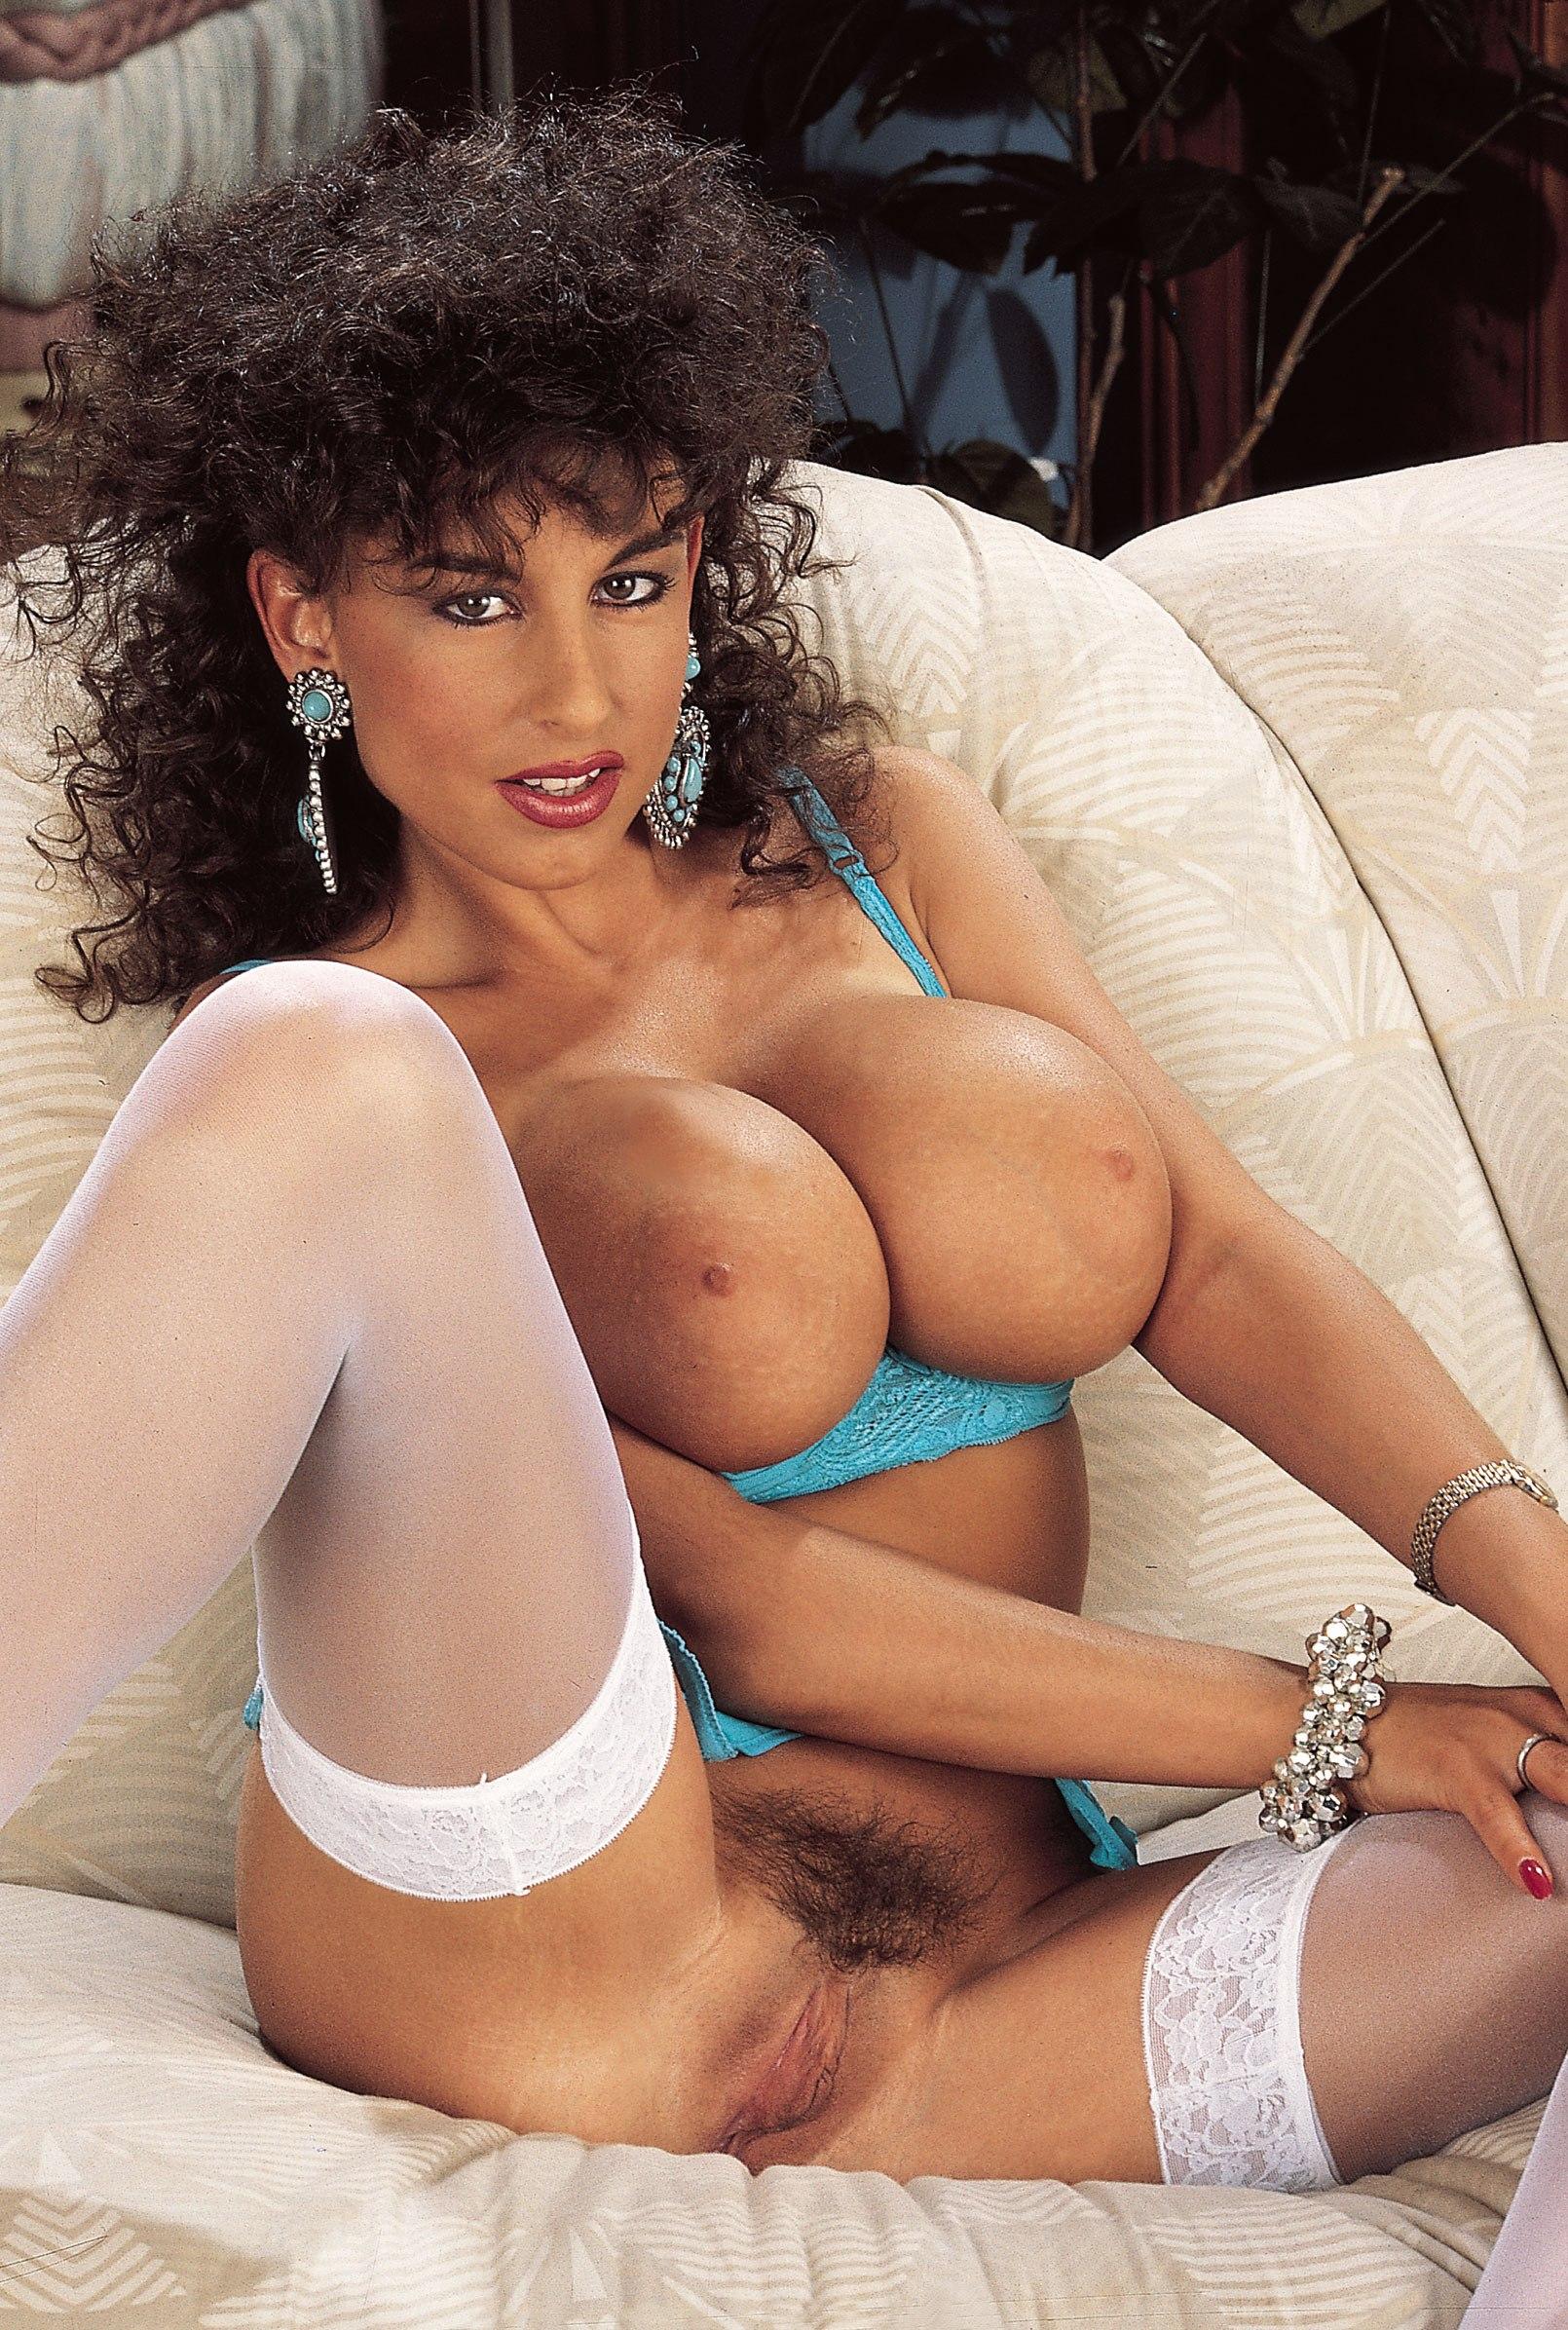 sarah young porn videos